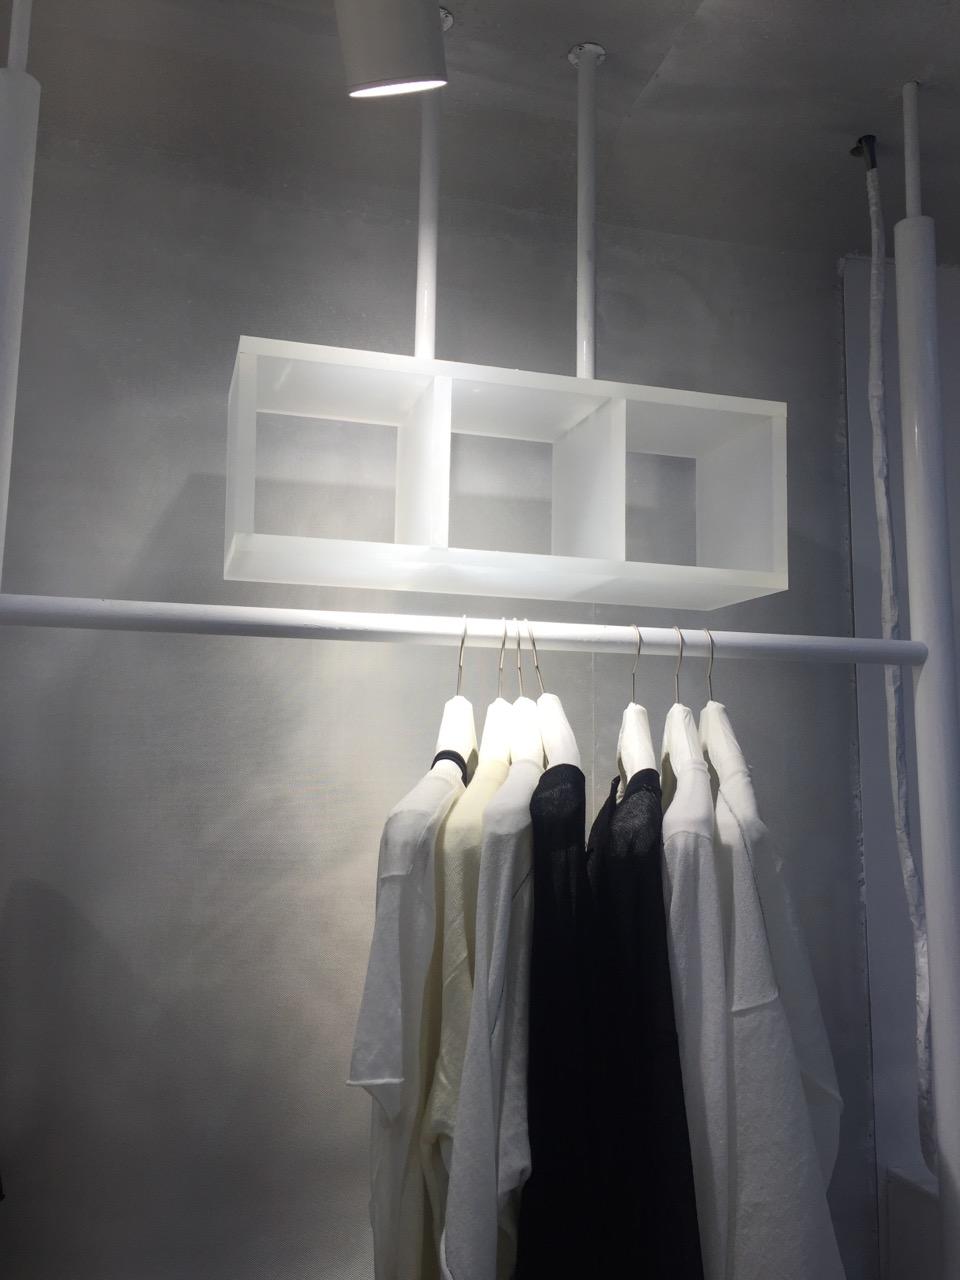 广州亚克力加工定做亚克力服装店展示道具